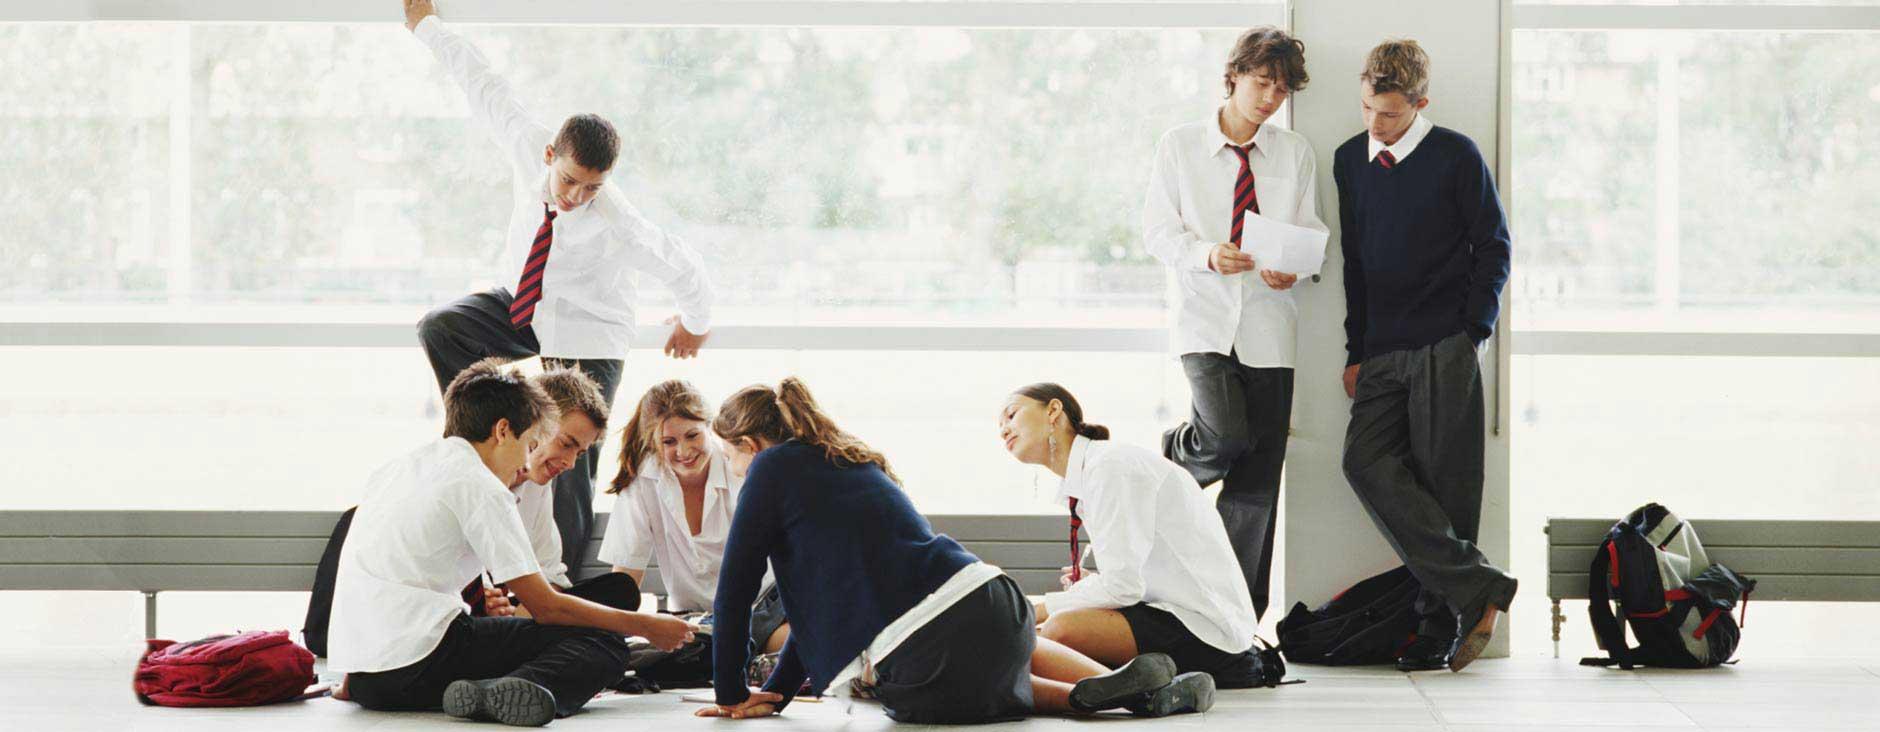 Civica Education Suite